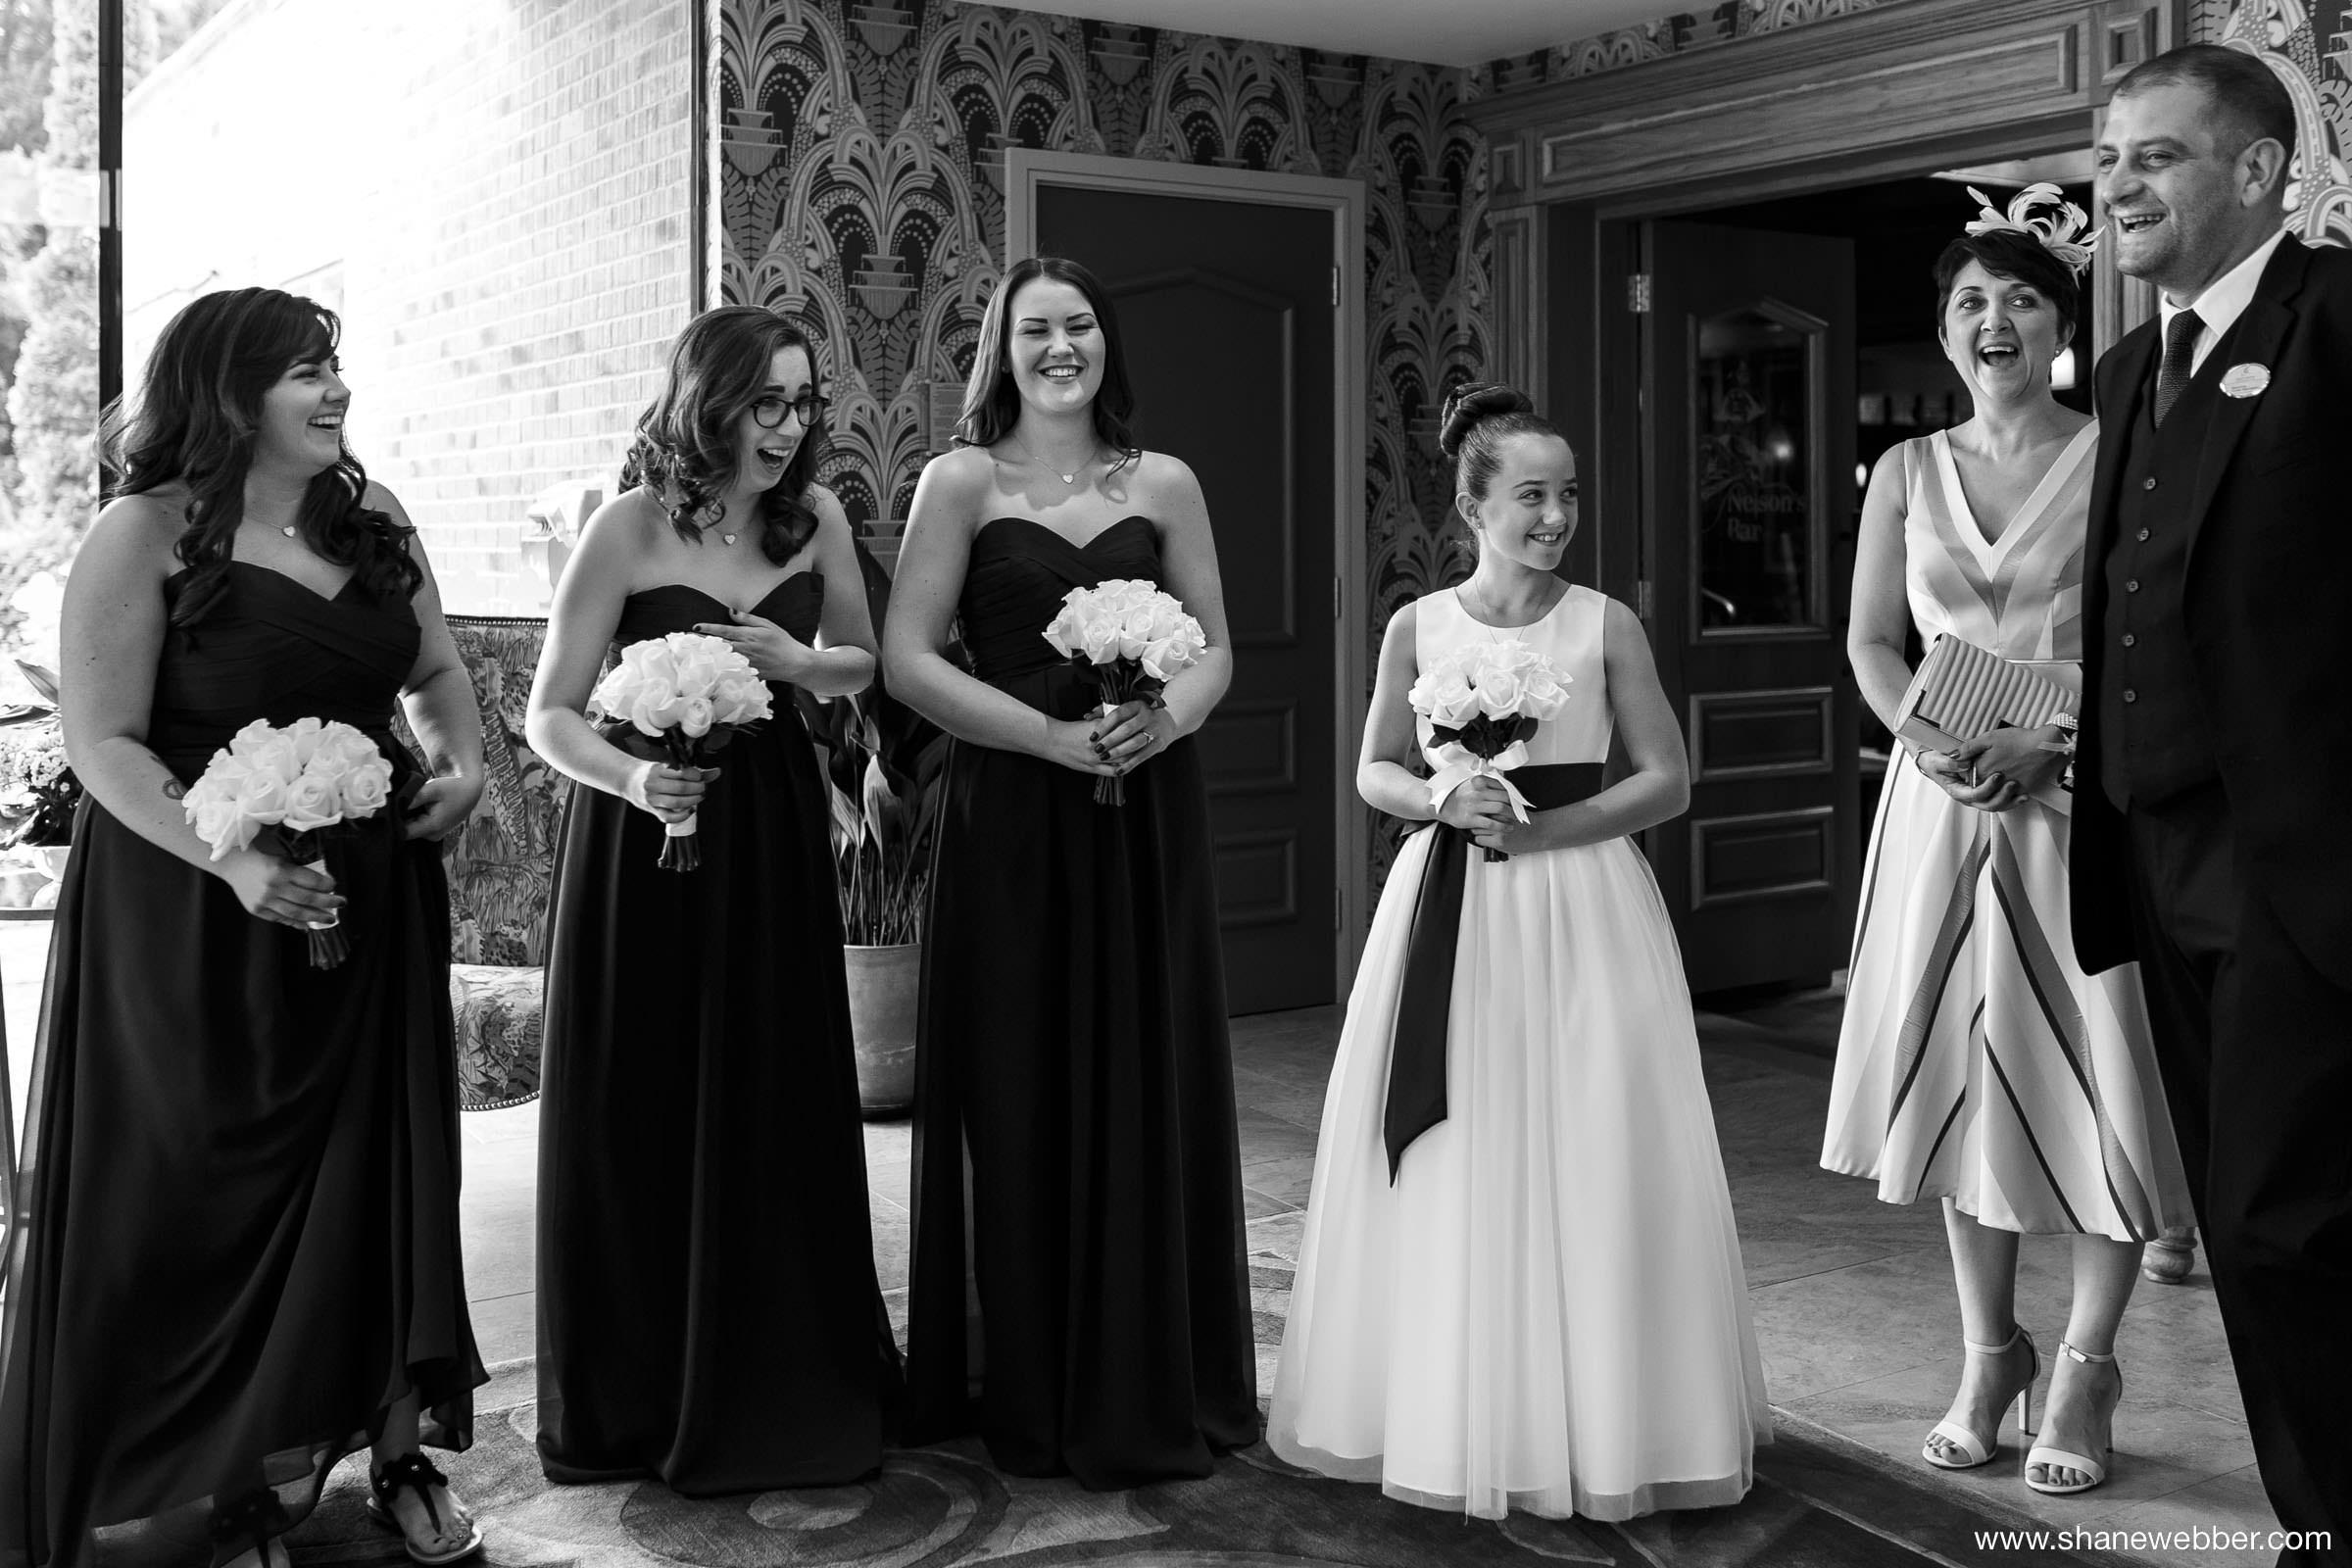 Natural wedding photo of bridesmaids